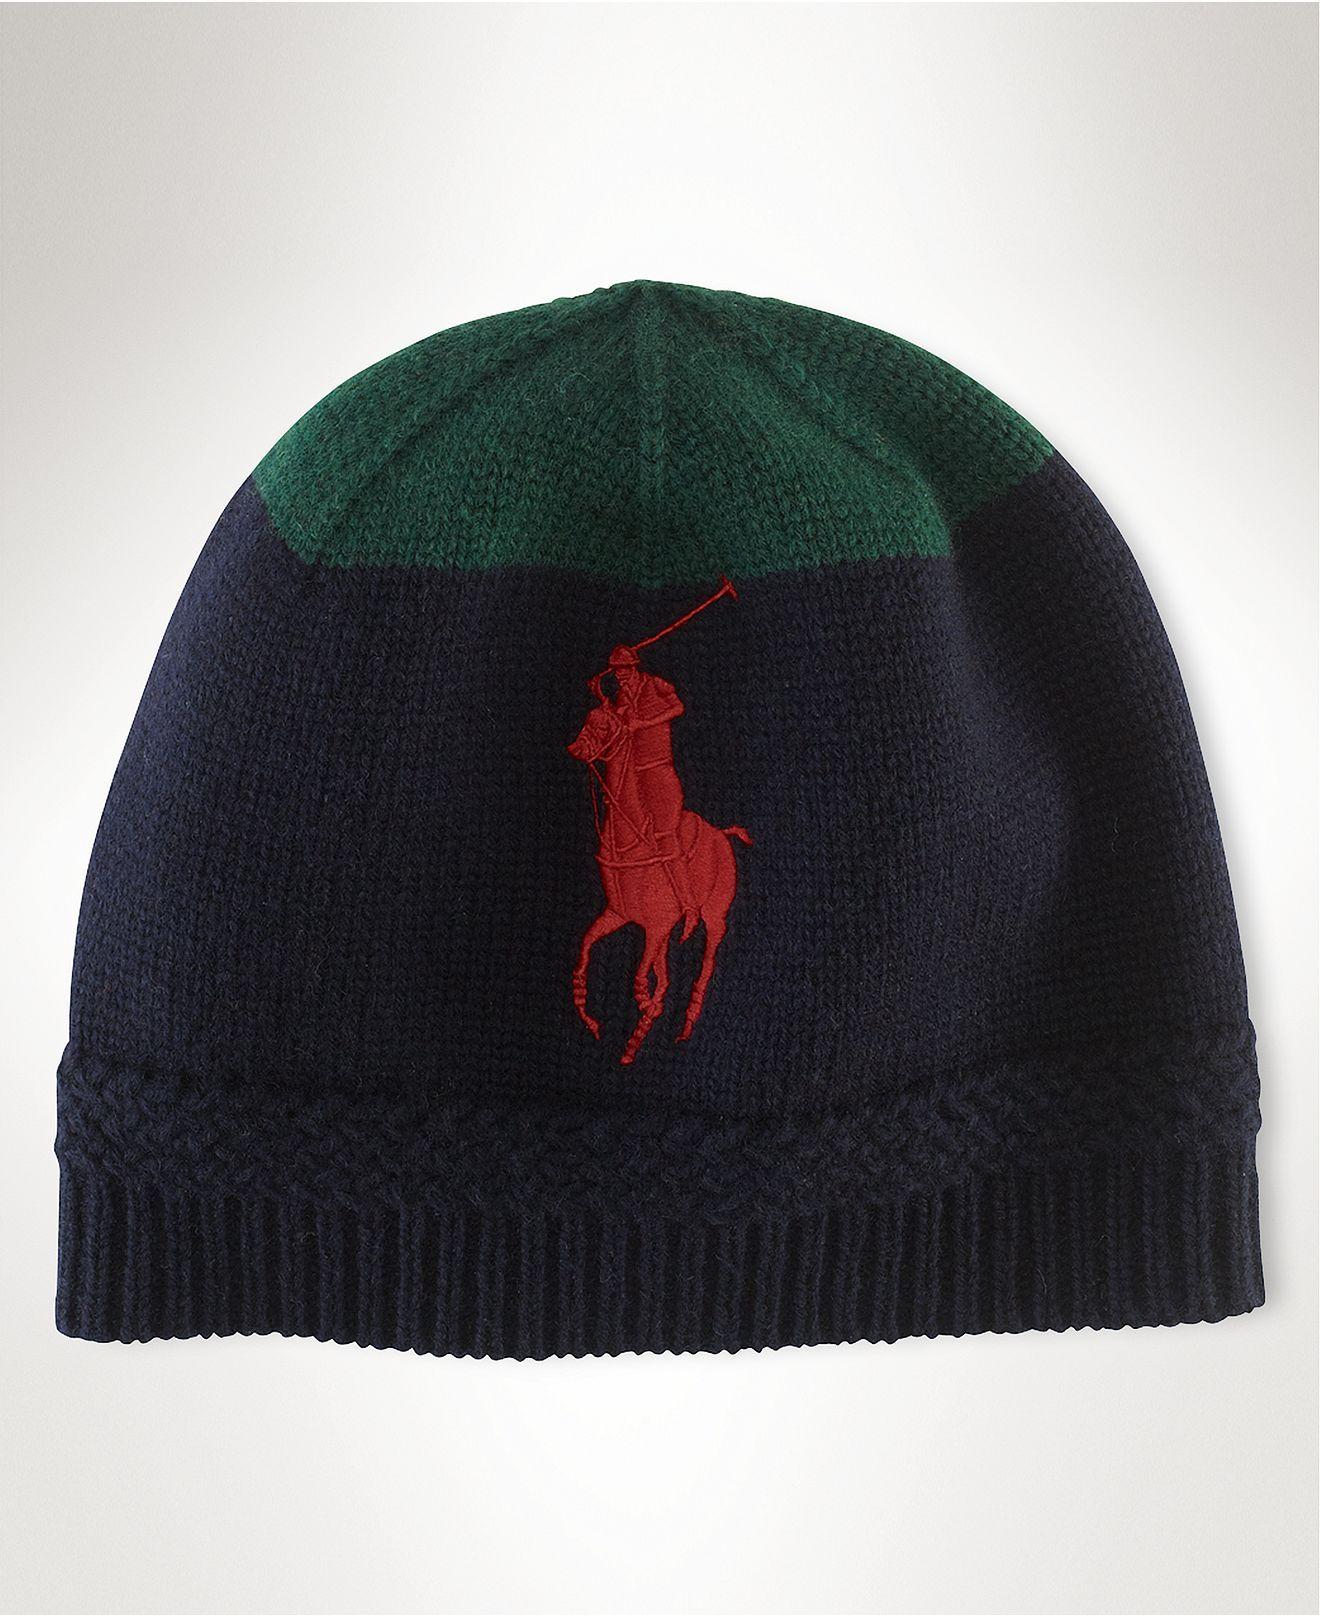 69310173f1e Polo Ralph Lauren Hat